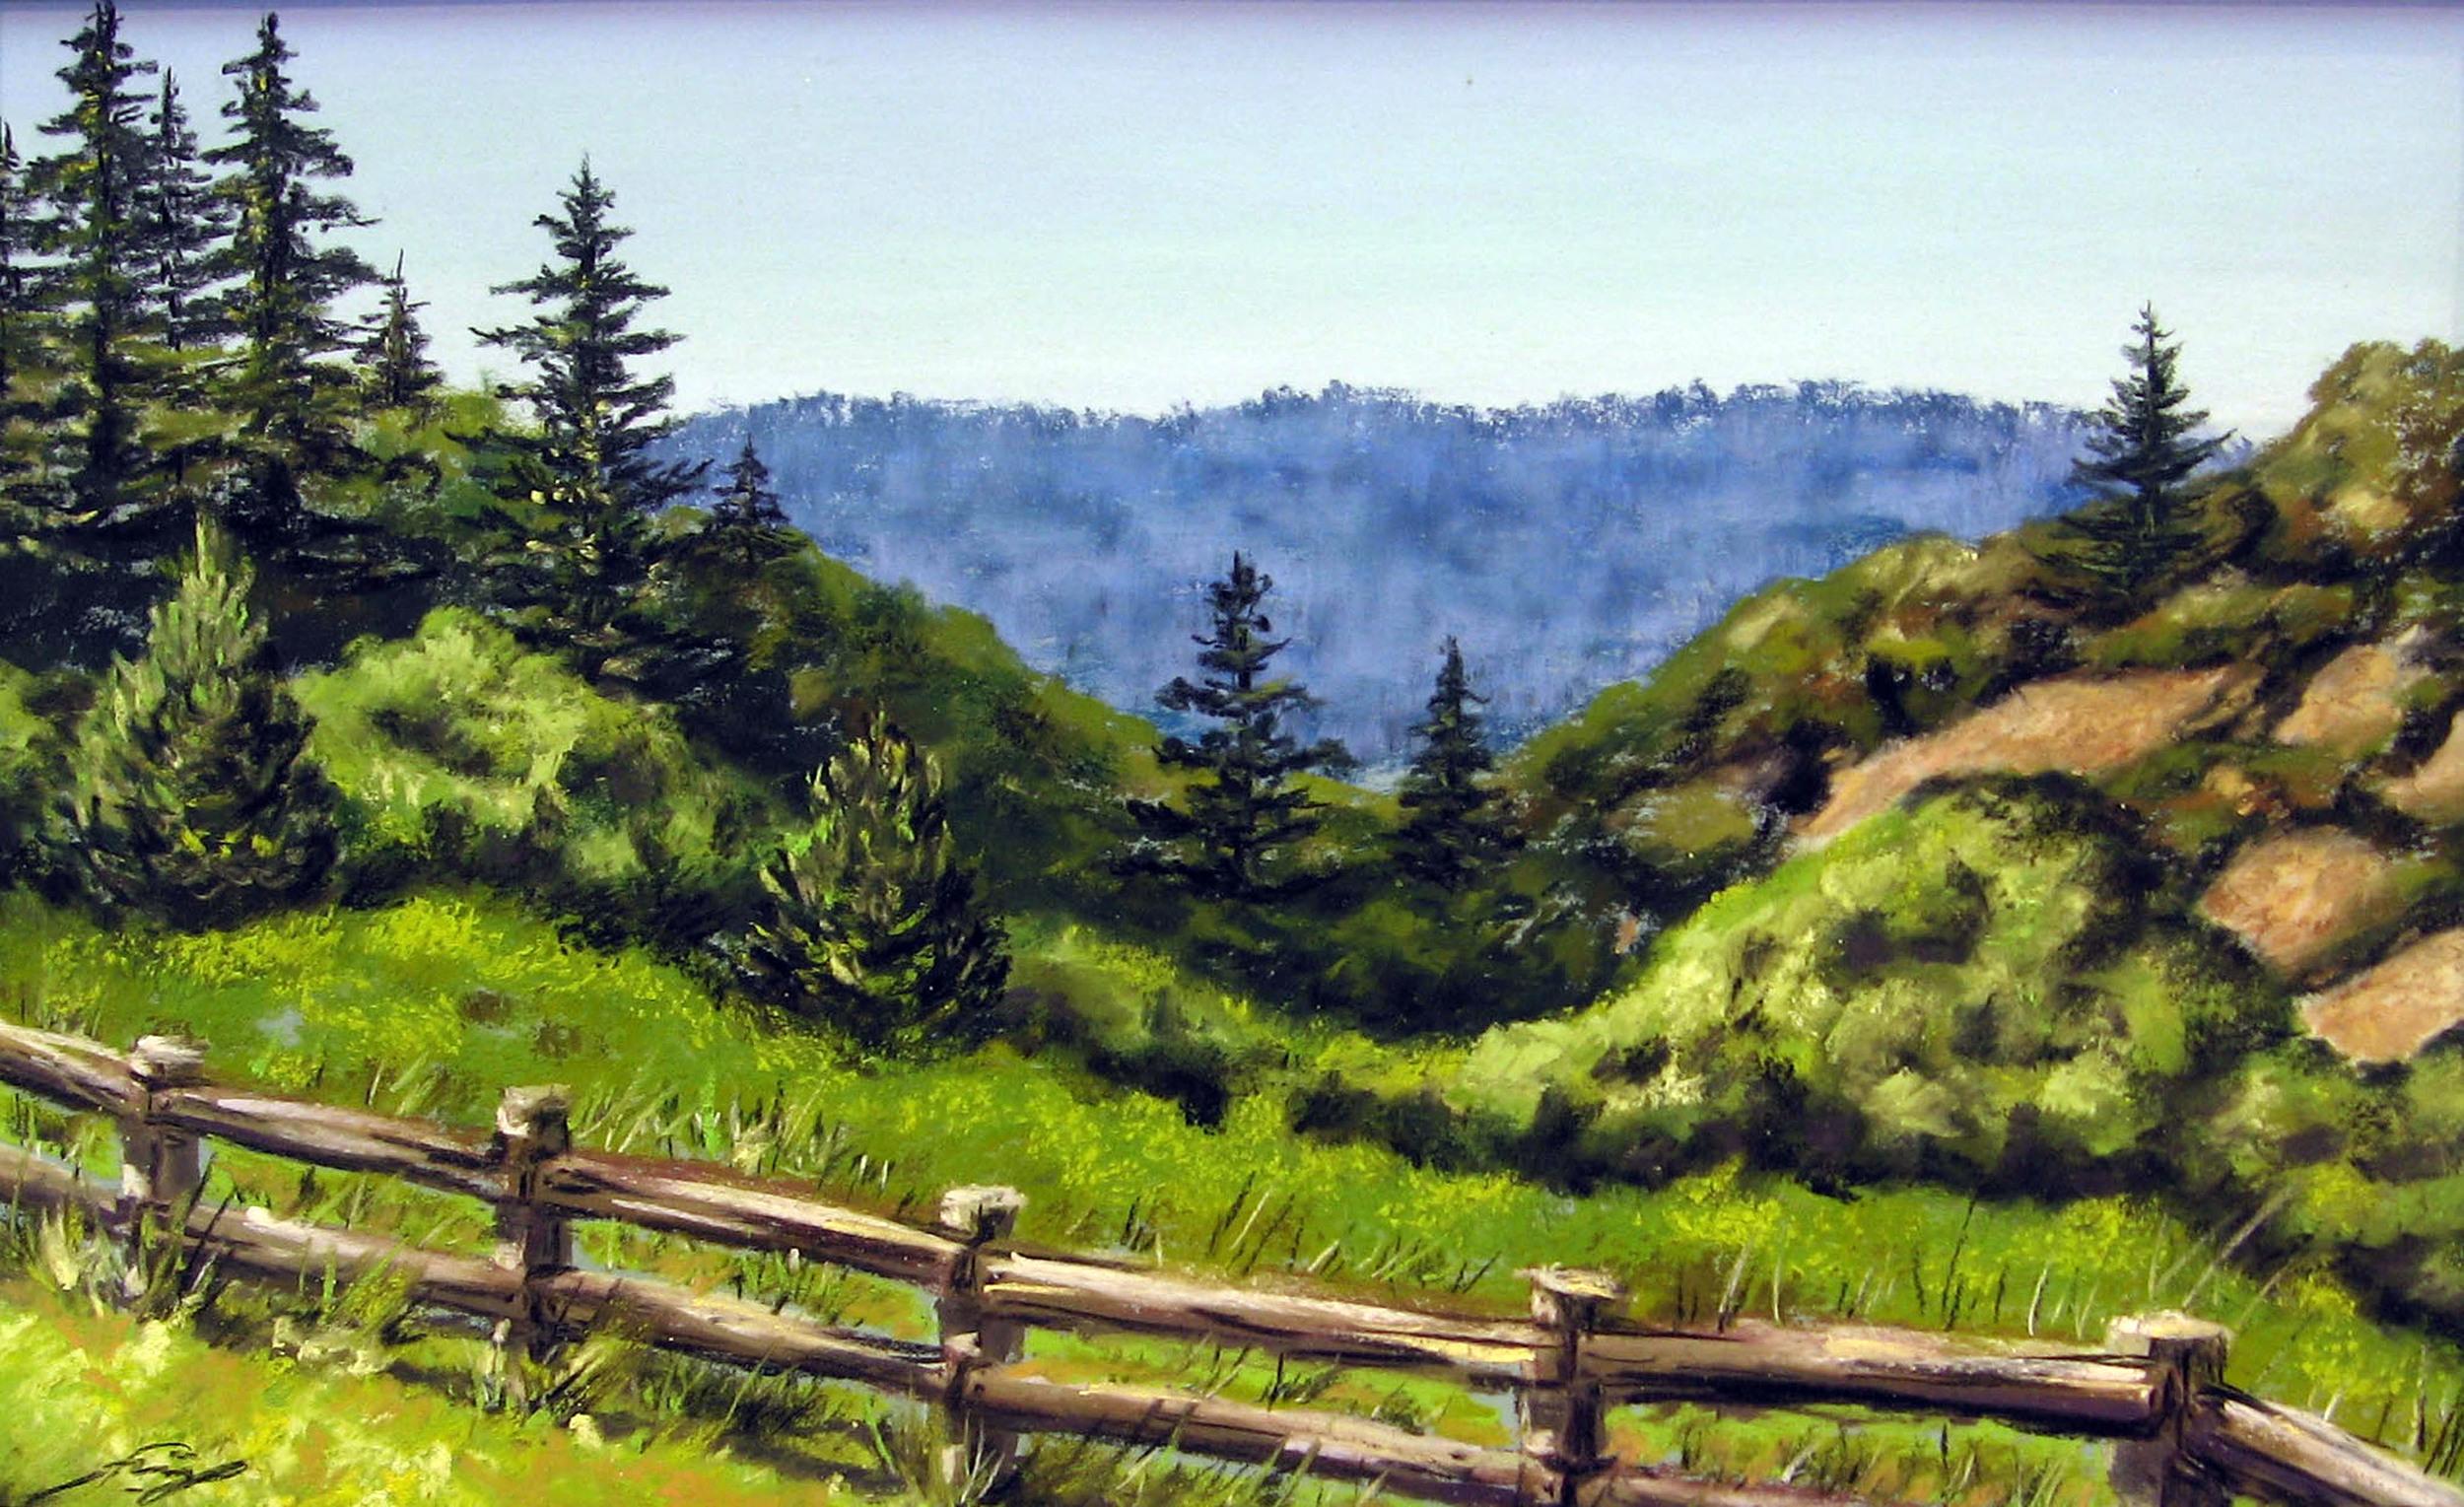 Skyline Ridge, Sunny Day